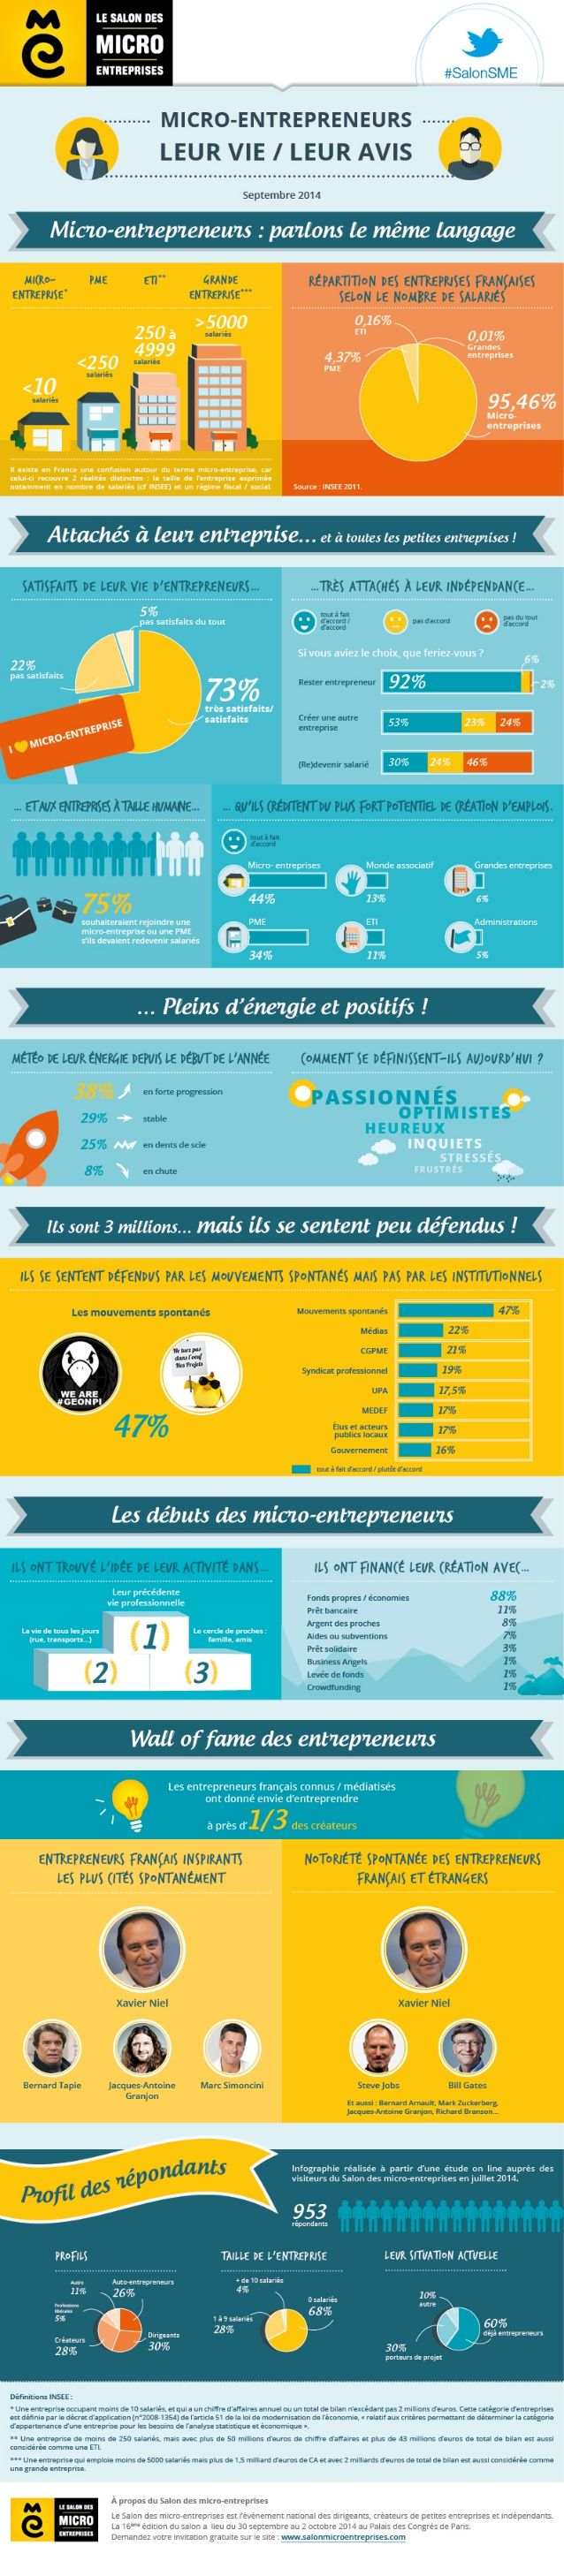 La vie des micro-entrepreneurs et des micro-entreprises en France by Jérôme HOARAU via slideshare